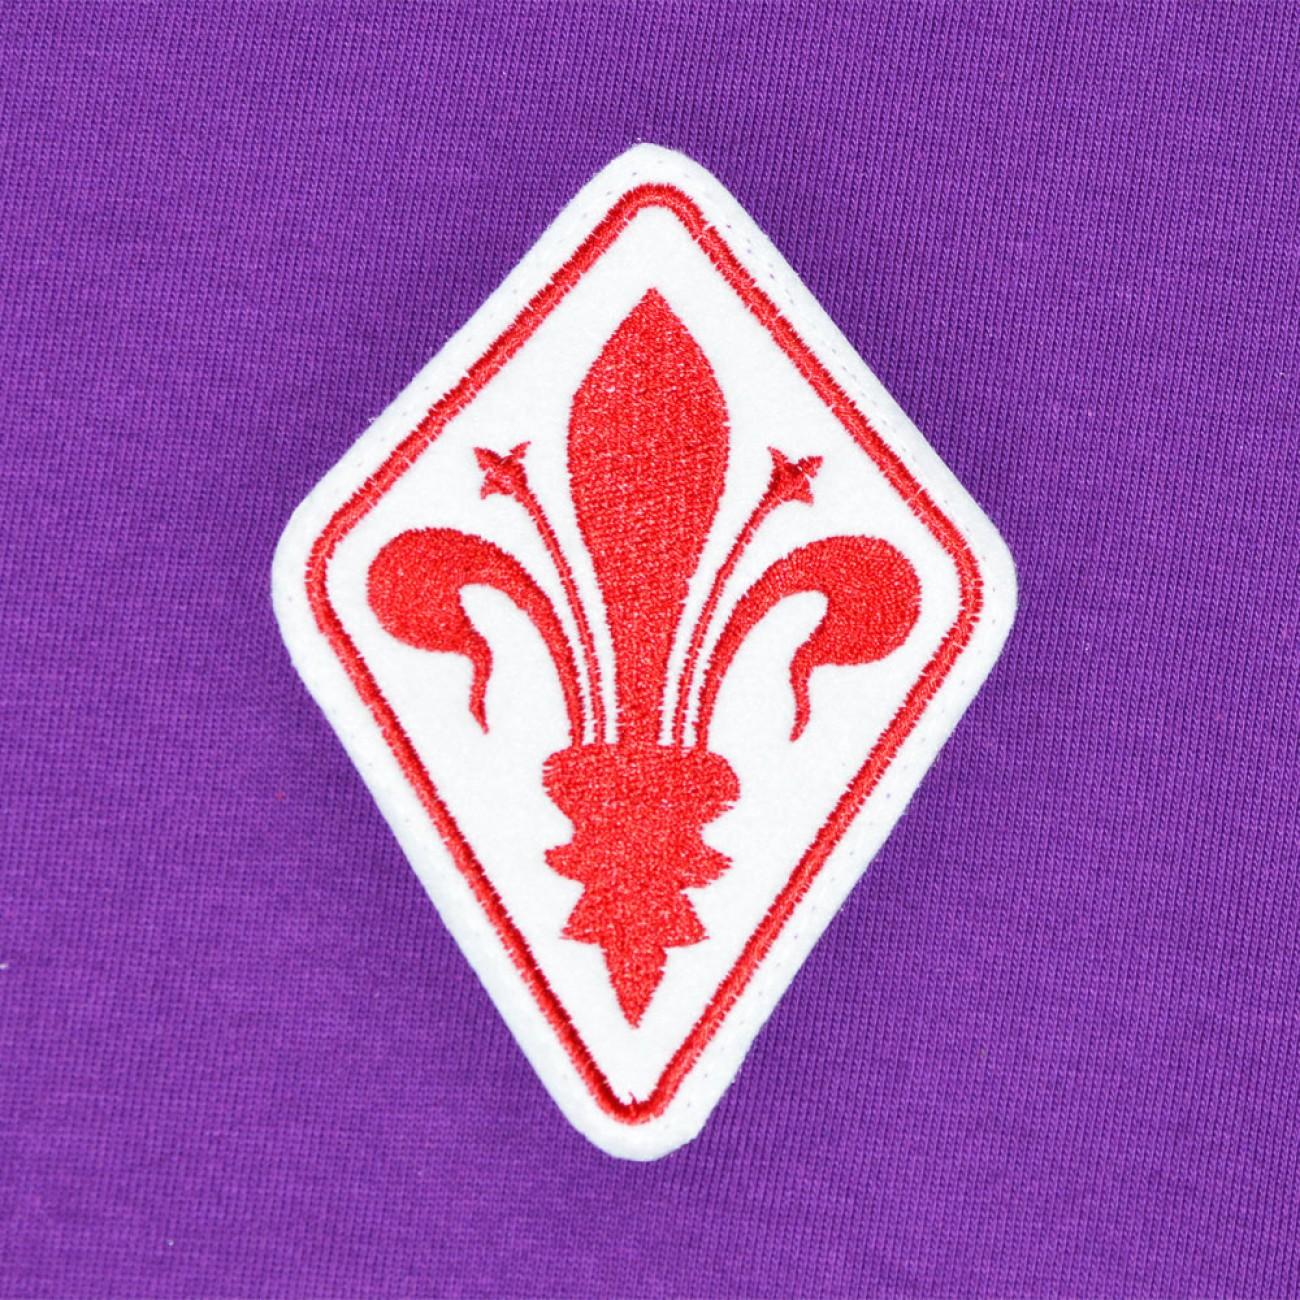 Maglia Fiorentina 1969